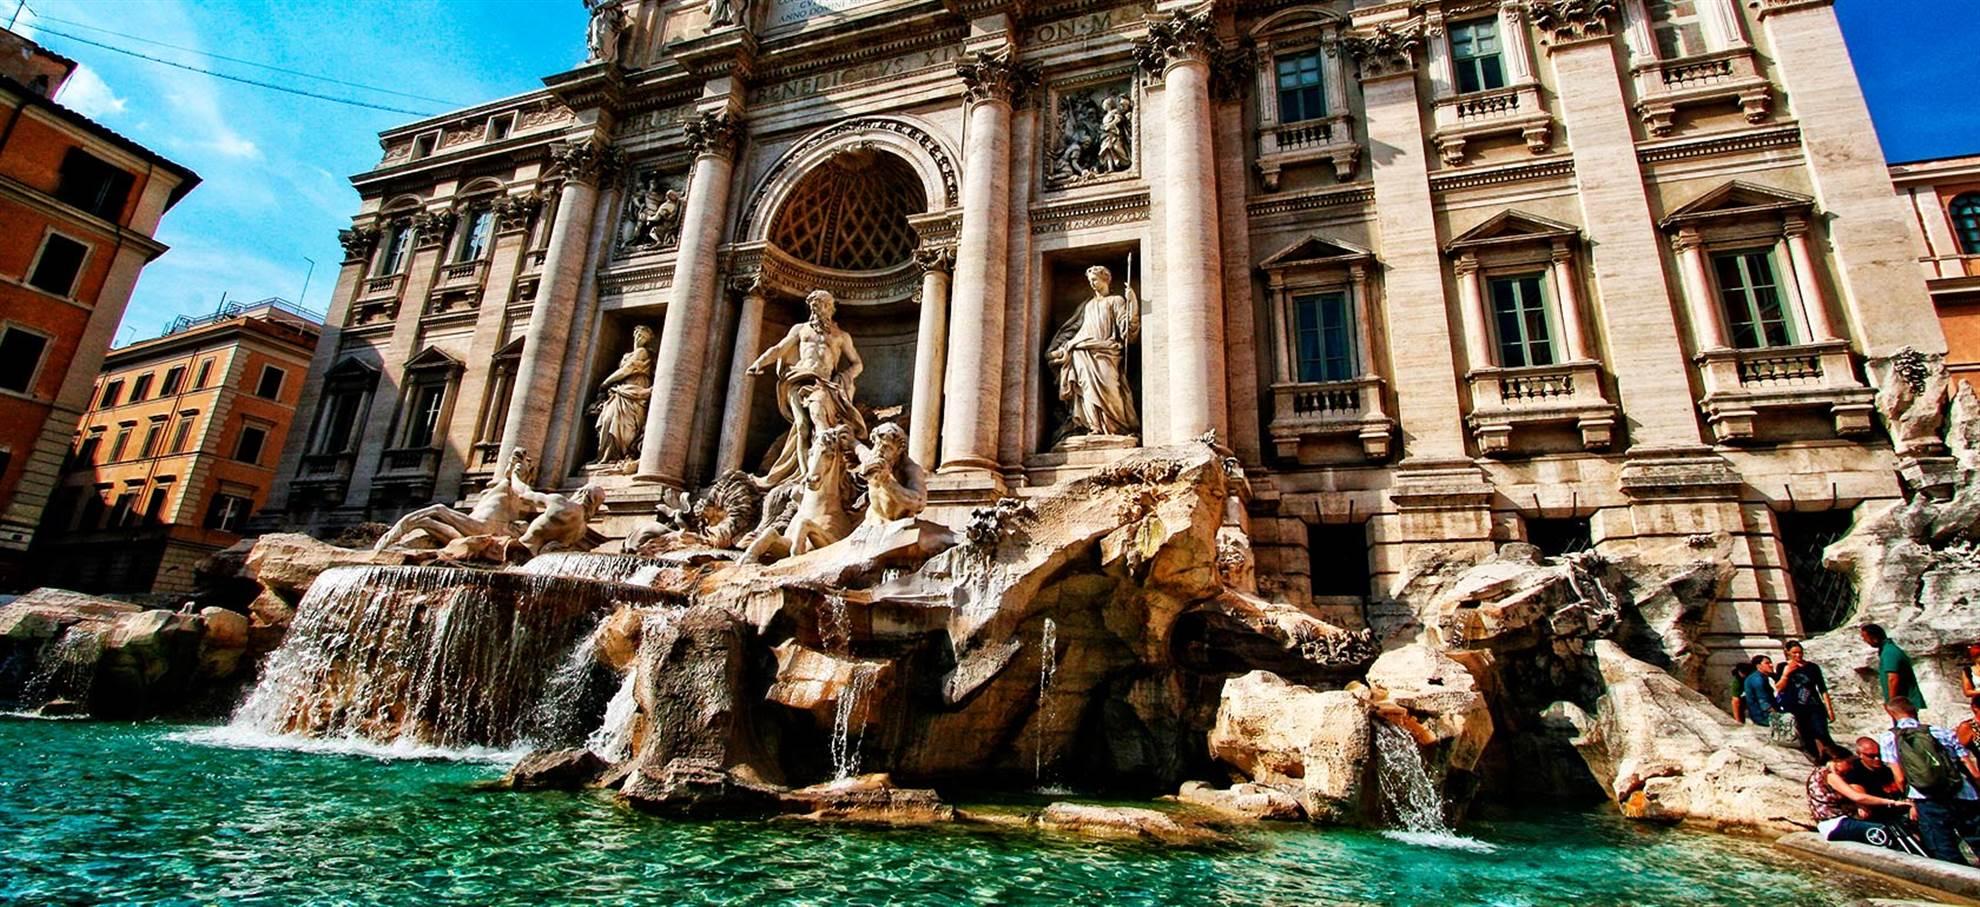 Pantheon,Fontana di Trevi & Roma Barocca